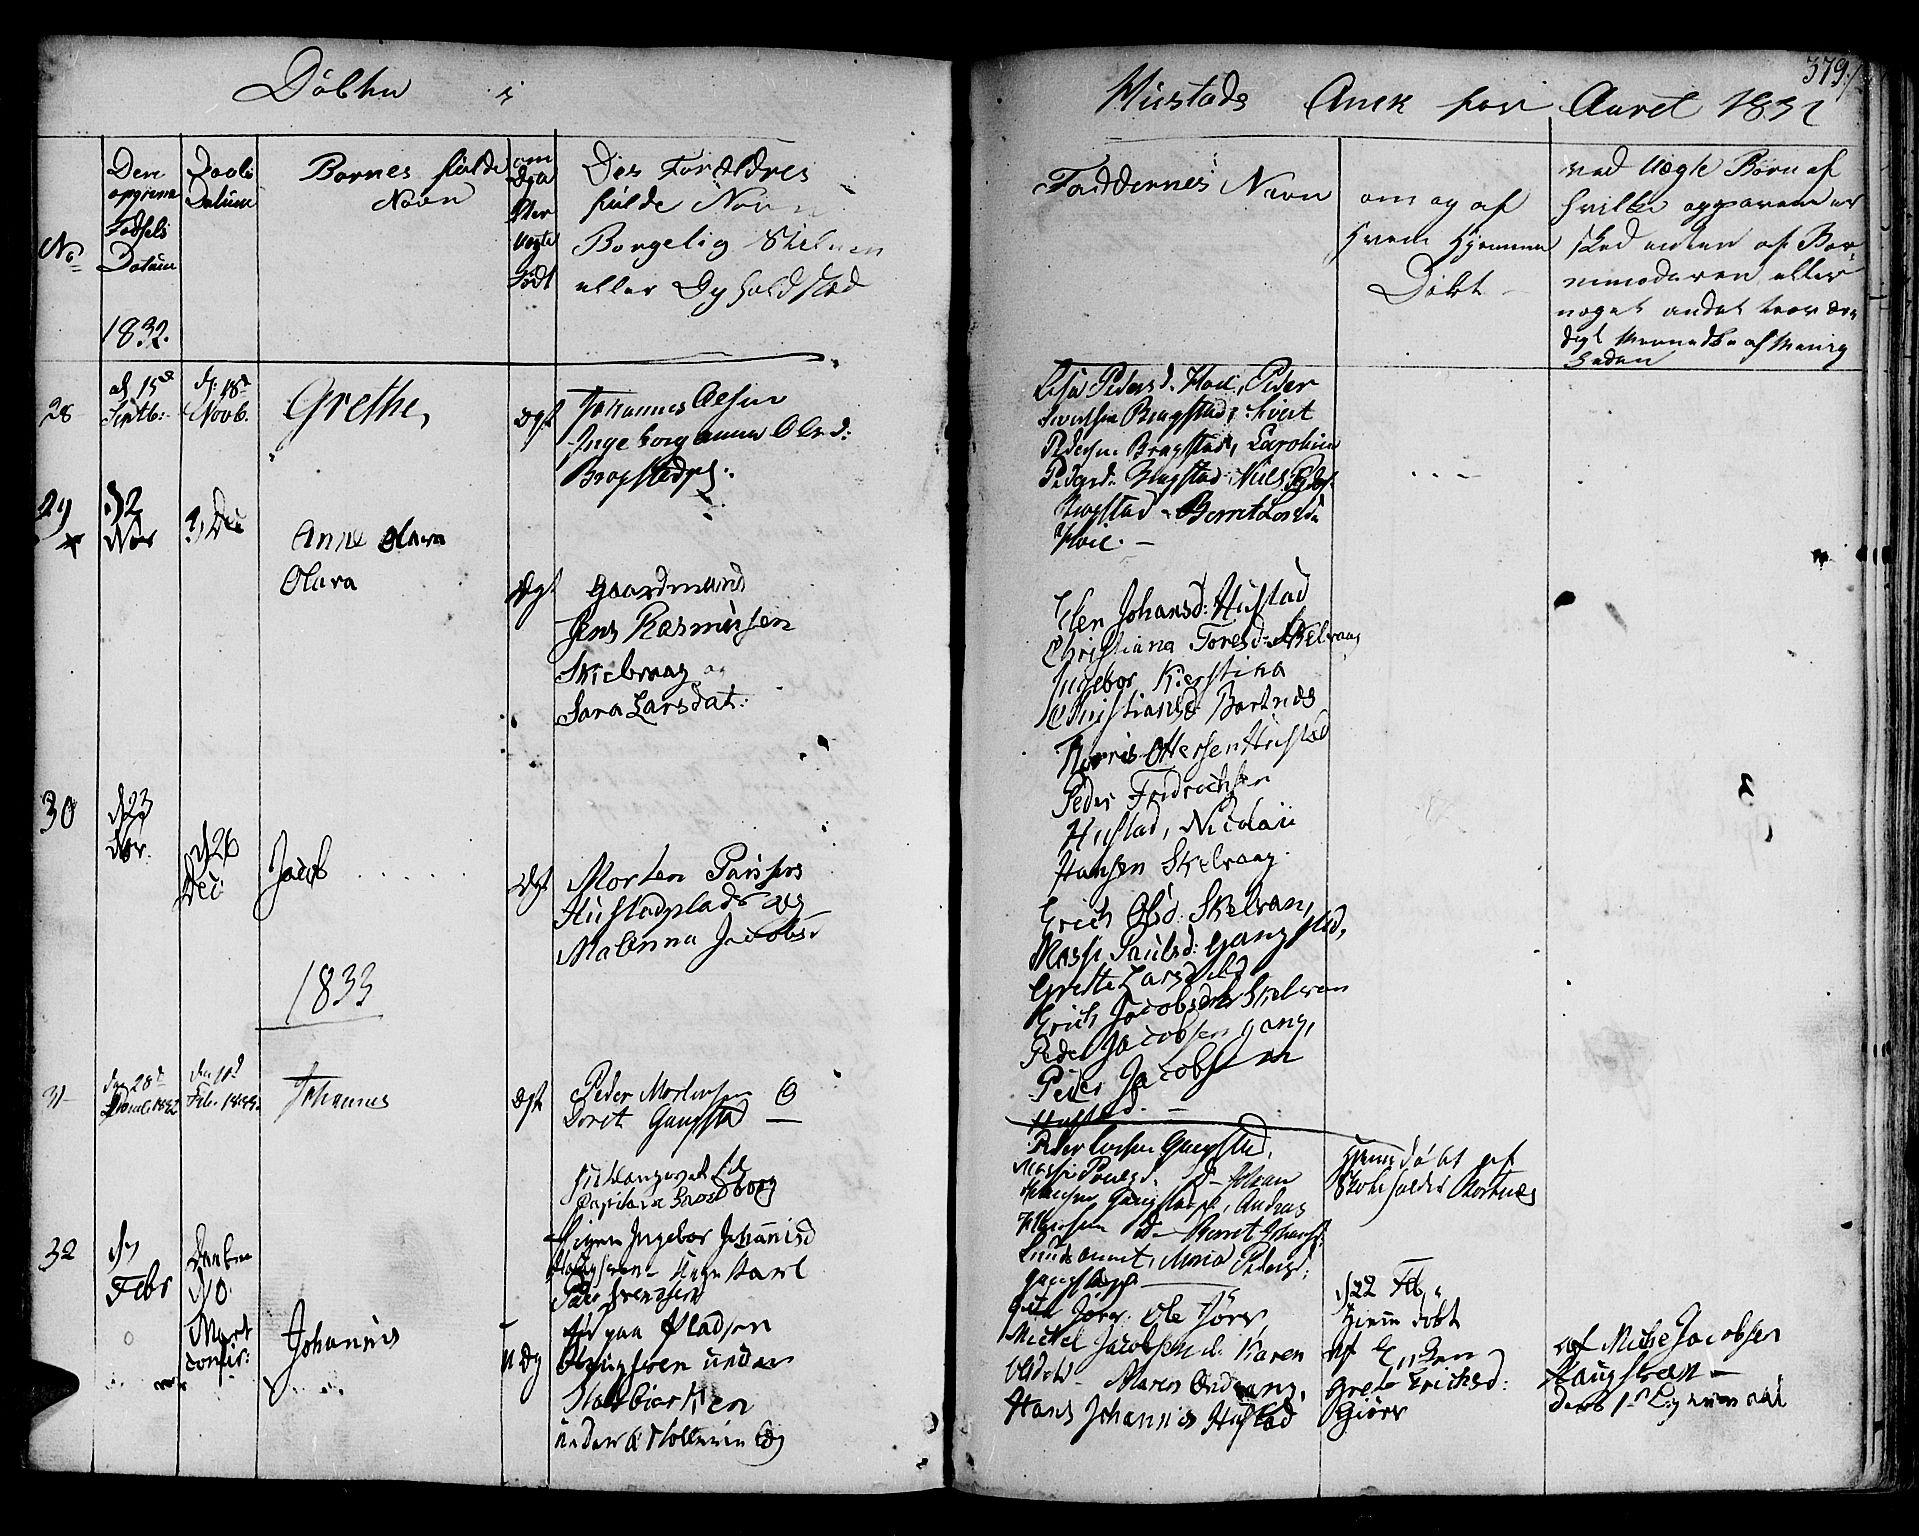 SAT, Ministerialprotokoller, klokkerbøker og fødselsregistre - Nord-Trøndelag, 730/L0277: Ministerialbok nr. 730A06 /3, 1830-1839, s. 379